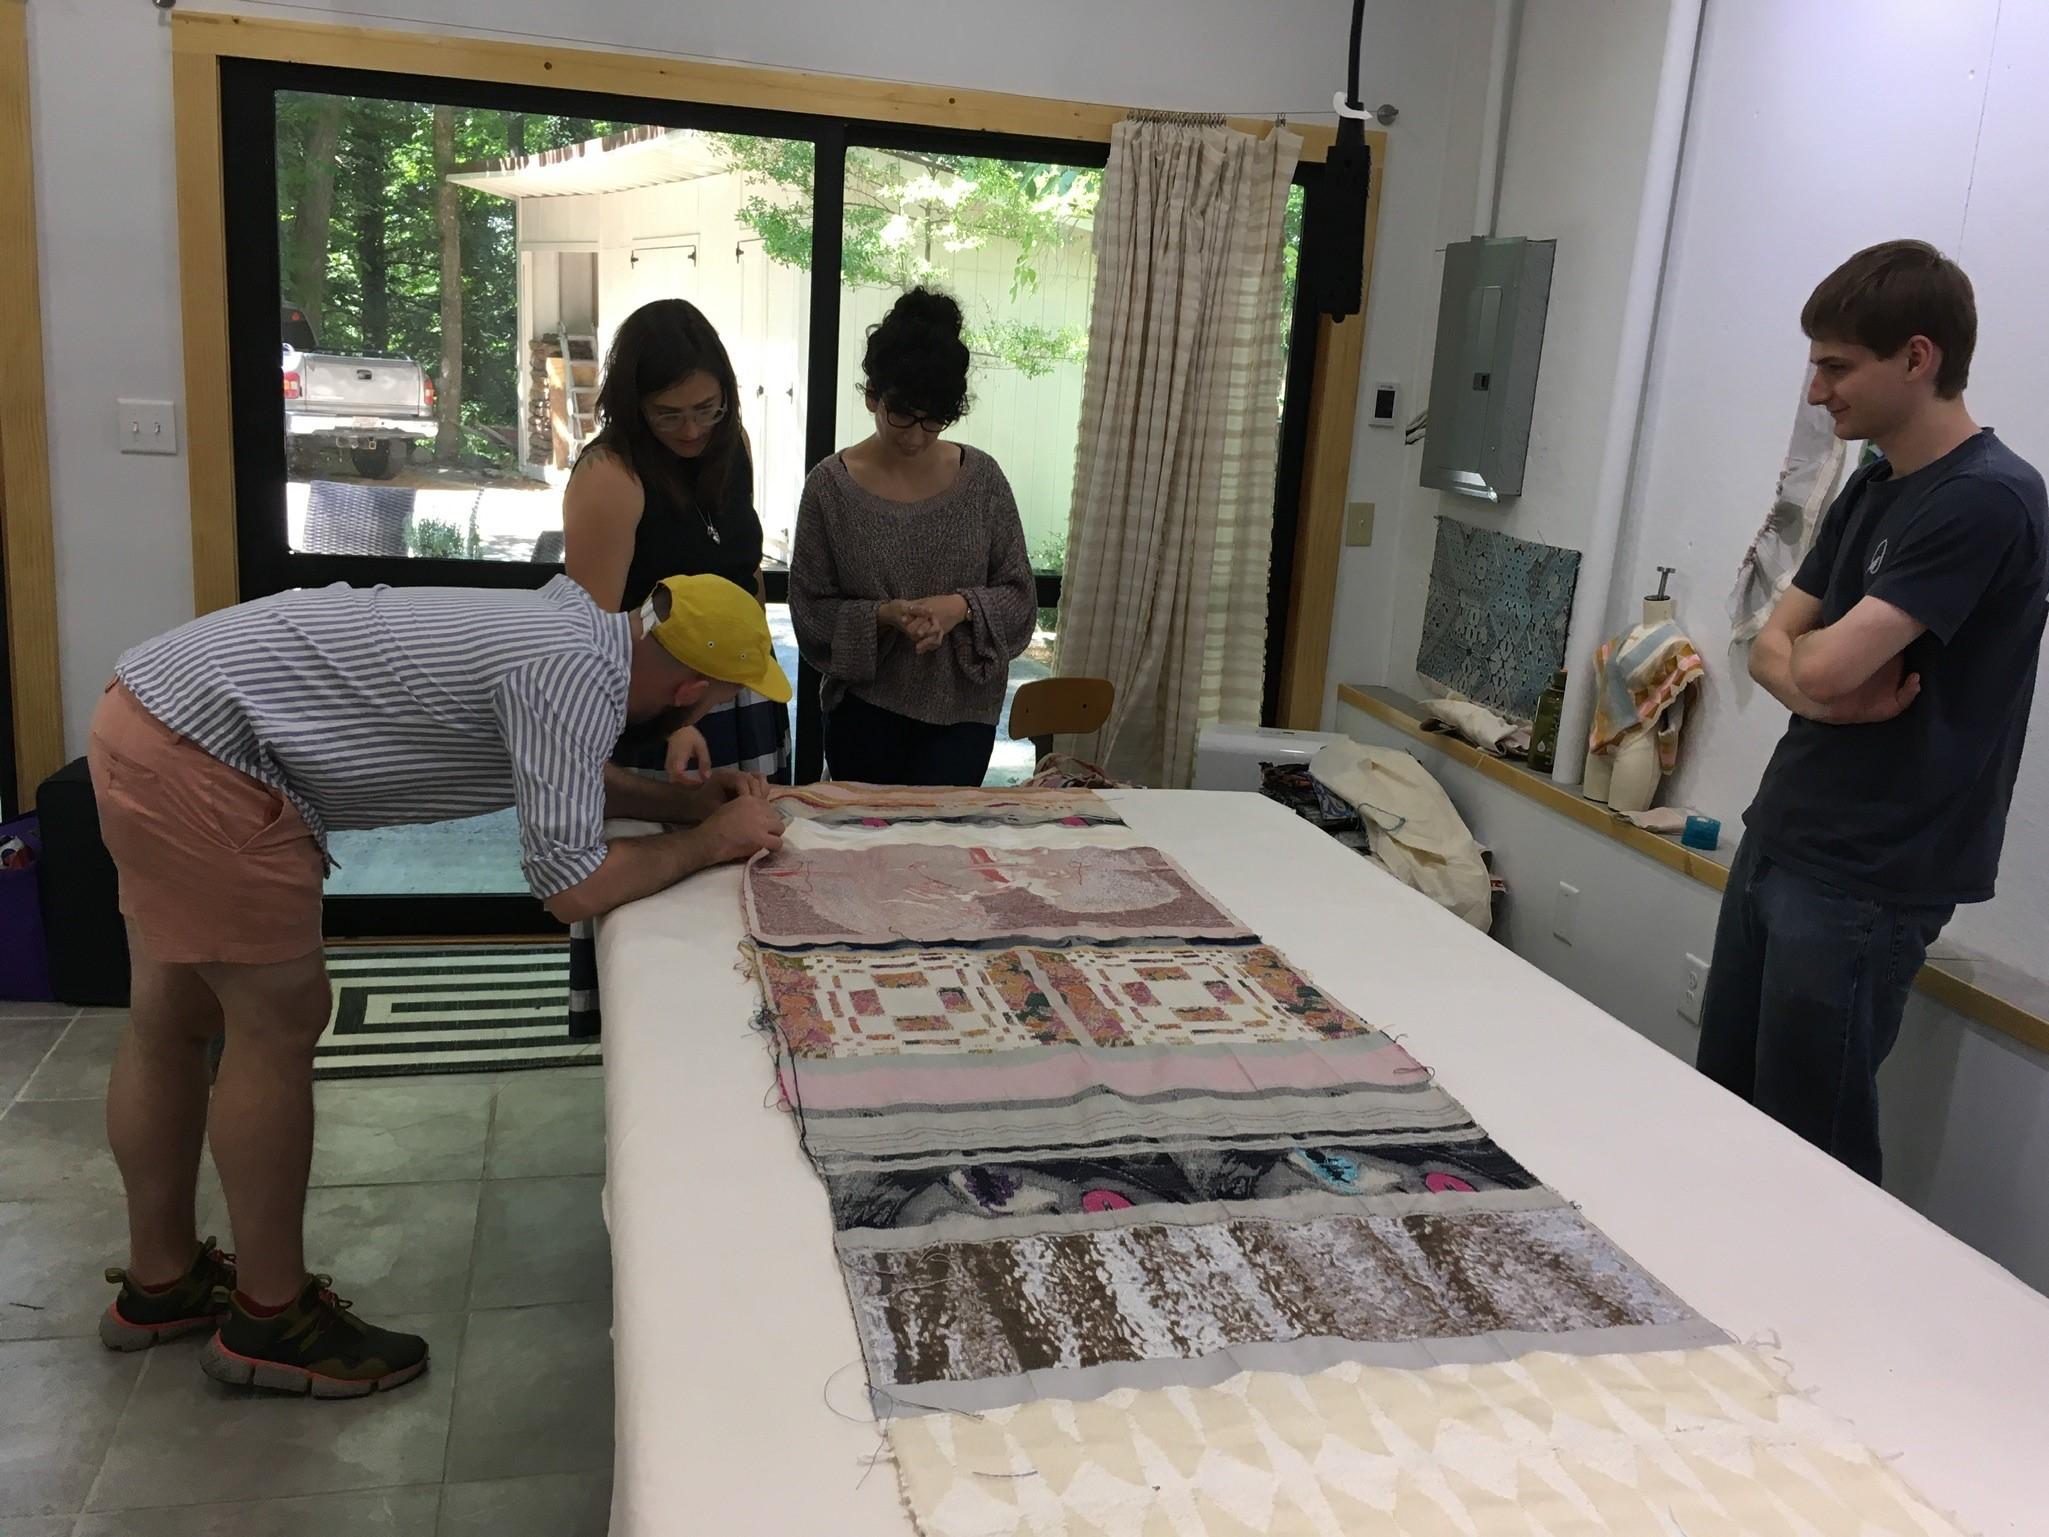 Summer workshops at The Jacquard Center